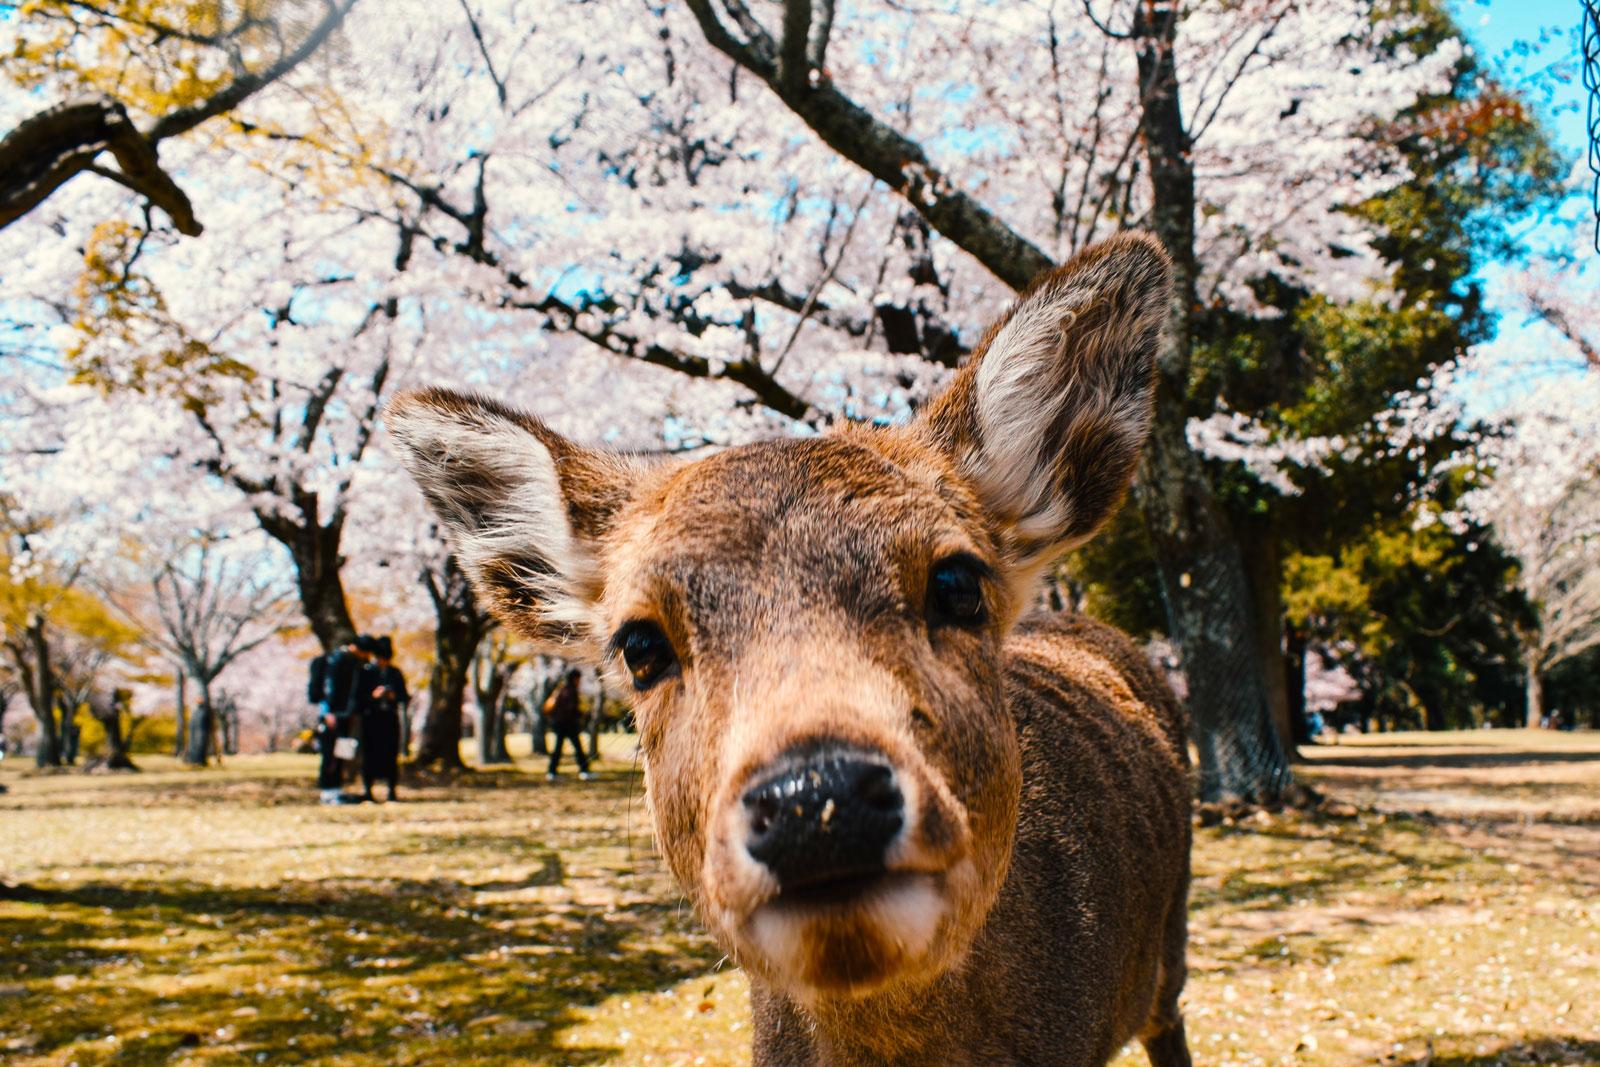 Hi cute encounter!